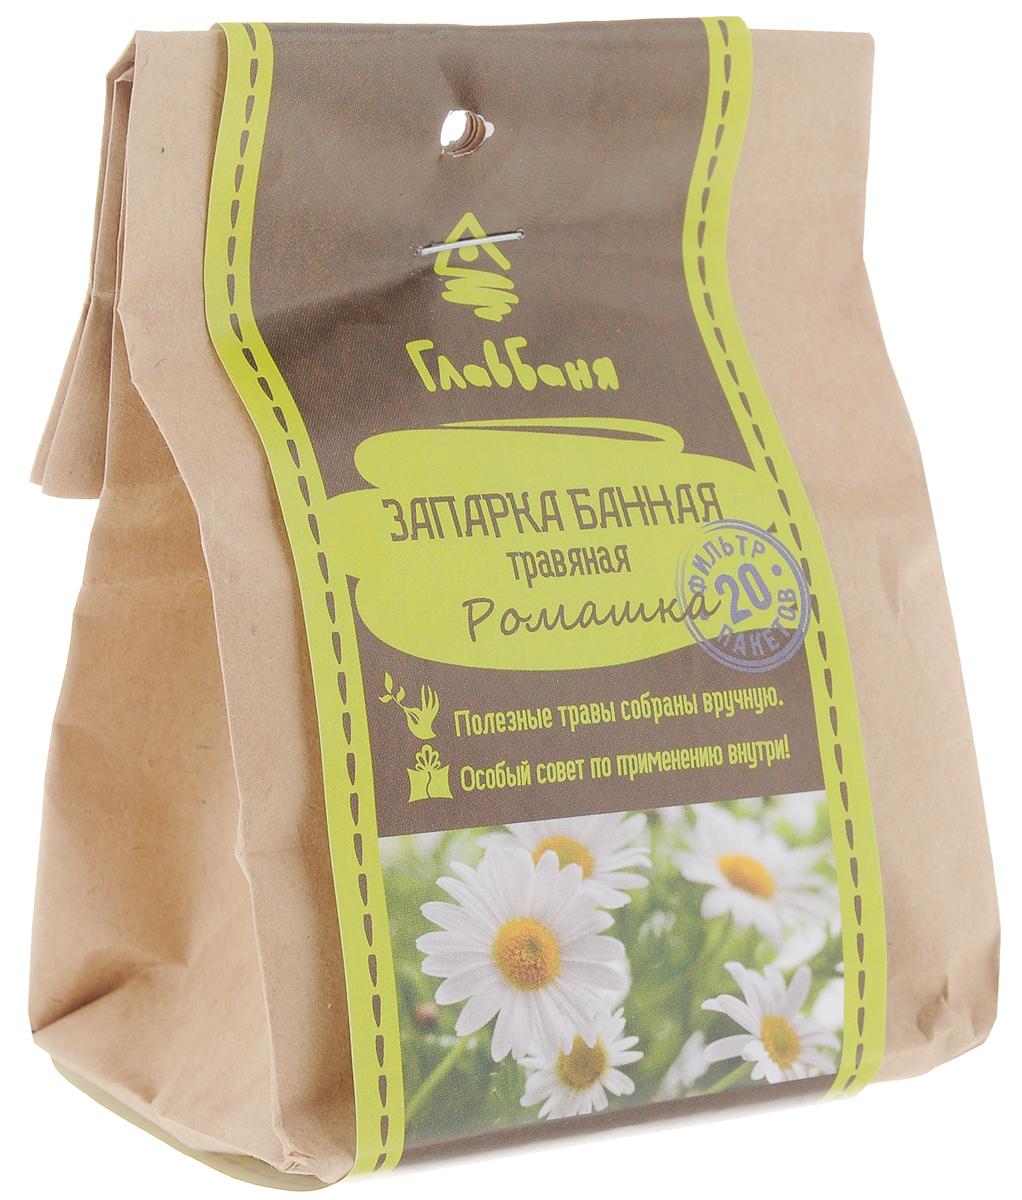 Запарка для бани и сауны Главбаня Ромашка, 20 фильтр-пакетиковБ2142Оздоровительная запарка для бани и сауны Главбаня Ромашка представляет собой высушенные и измельченные целебные травы. Обработанные таким образом, они сохраняют целебные свойства и натуральный аромат. Запарка с ромашкой позволит:- укрепить здоровье,- повысить иммунитет,- повысить тонус организма,- вывести из организма токсины и шлаки.Настоящие ценители русской бани обязательно оценят аромат и полезные свойства ромашки. Запарку рекомендуют подготавливать за 15 минут до принятия ванны или бани. В емкость с водой (2-5 л) помещается мешочек с травами, закрывается крышкой. Настаивать рекомендуется 15-20 минут. Запарку можно применять для компрессов, ополаскивания тела и волос. Для придания аромата можно полить немного отвара на раскаленные камни.Количество фильтр-пакетиков: 20 шт.Товар сертифицирован.